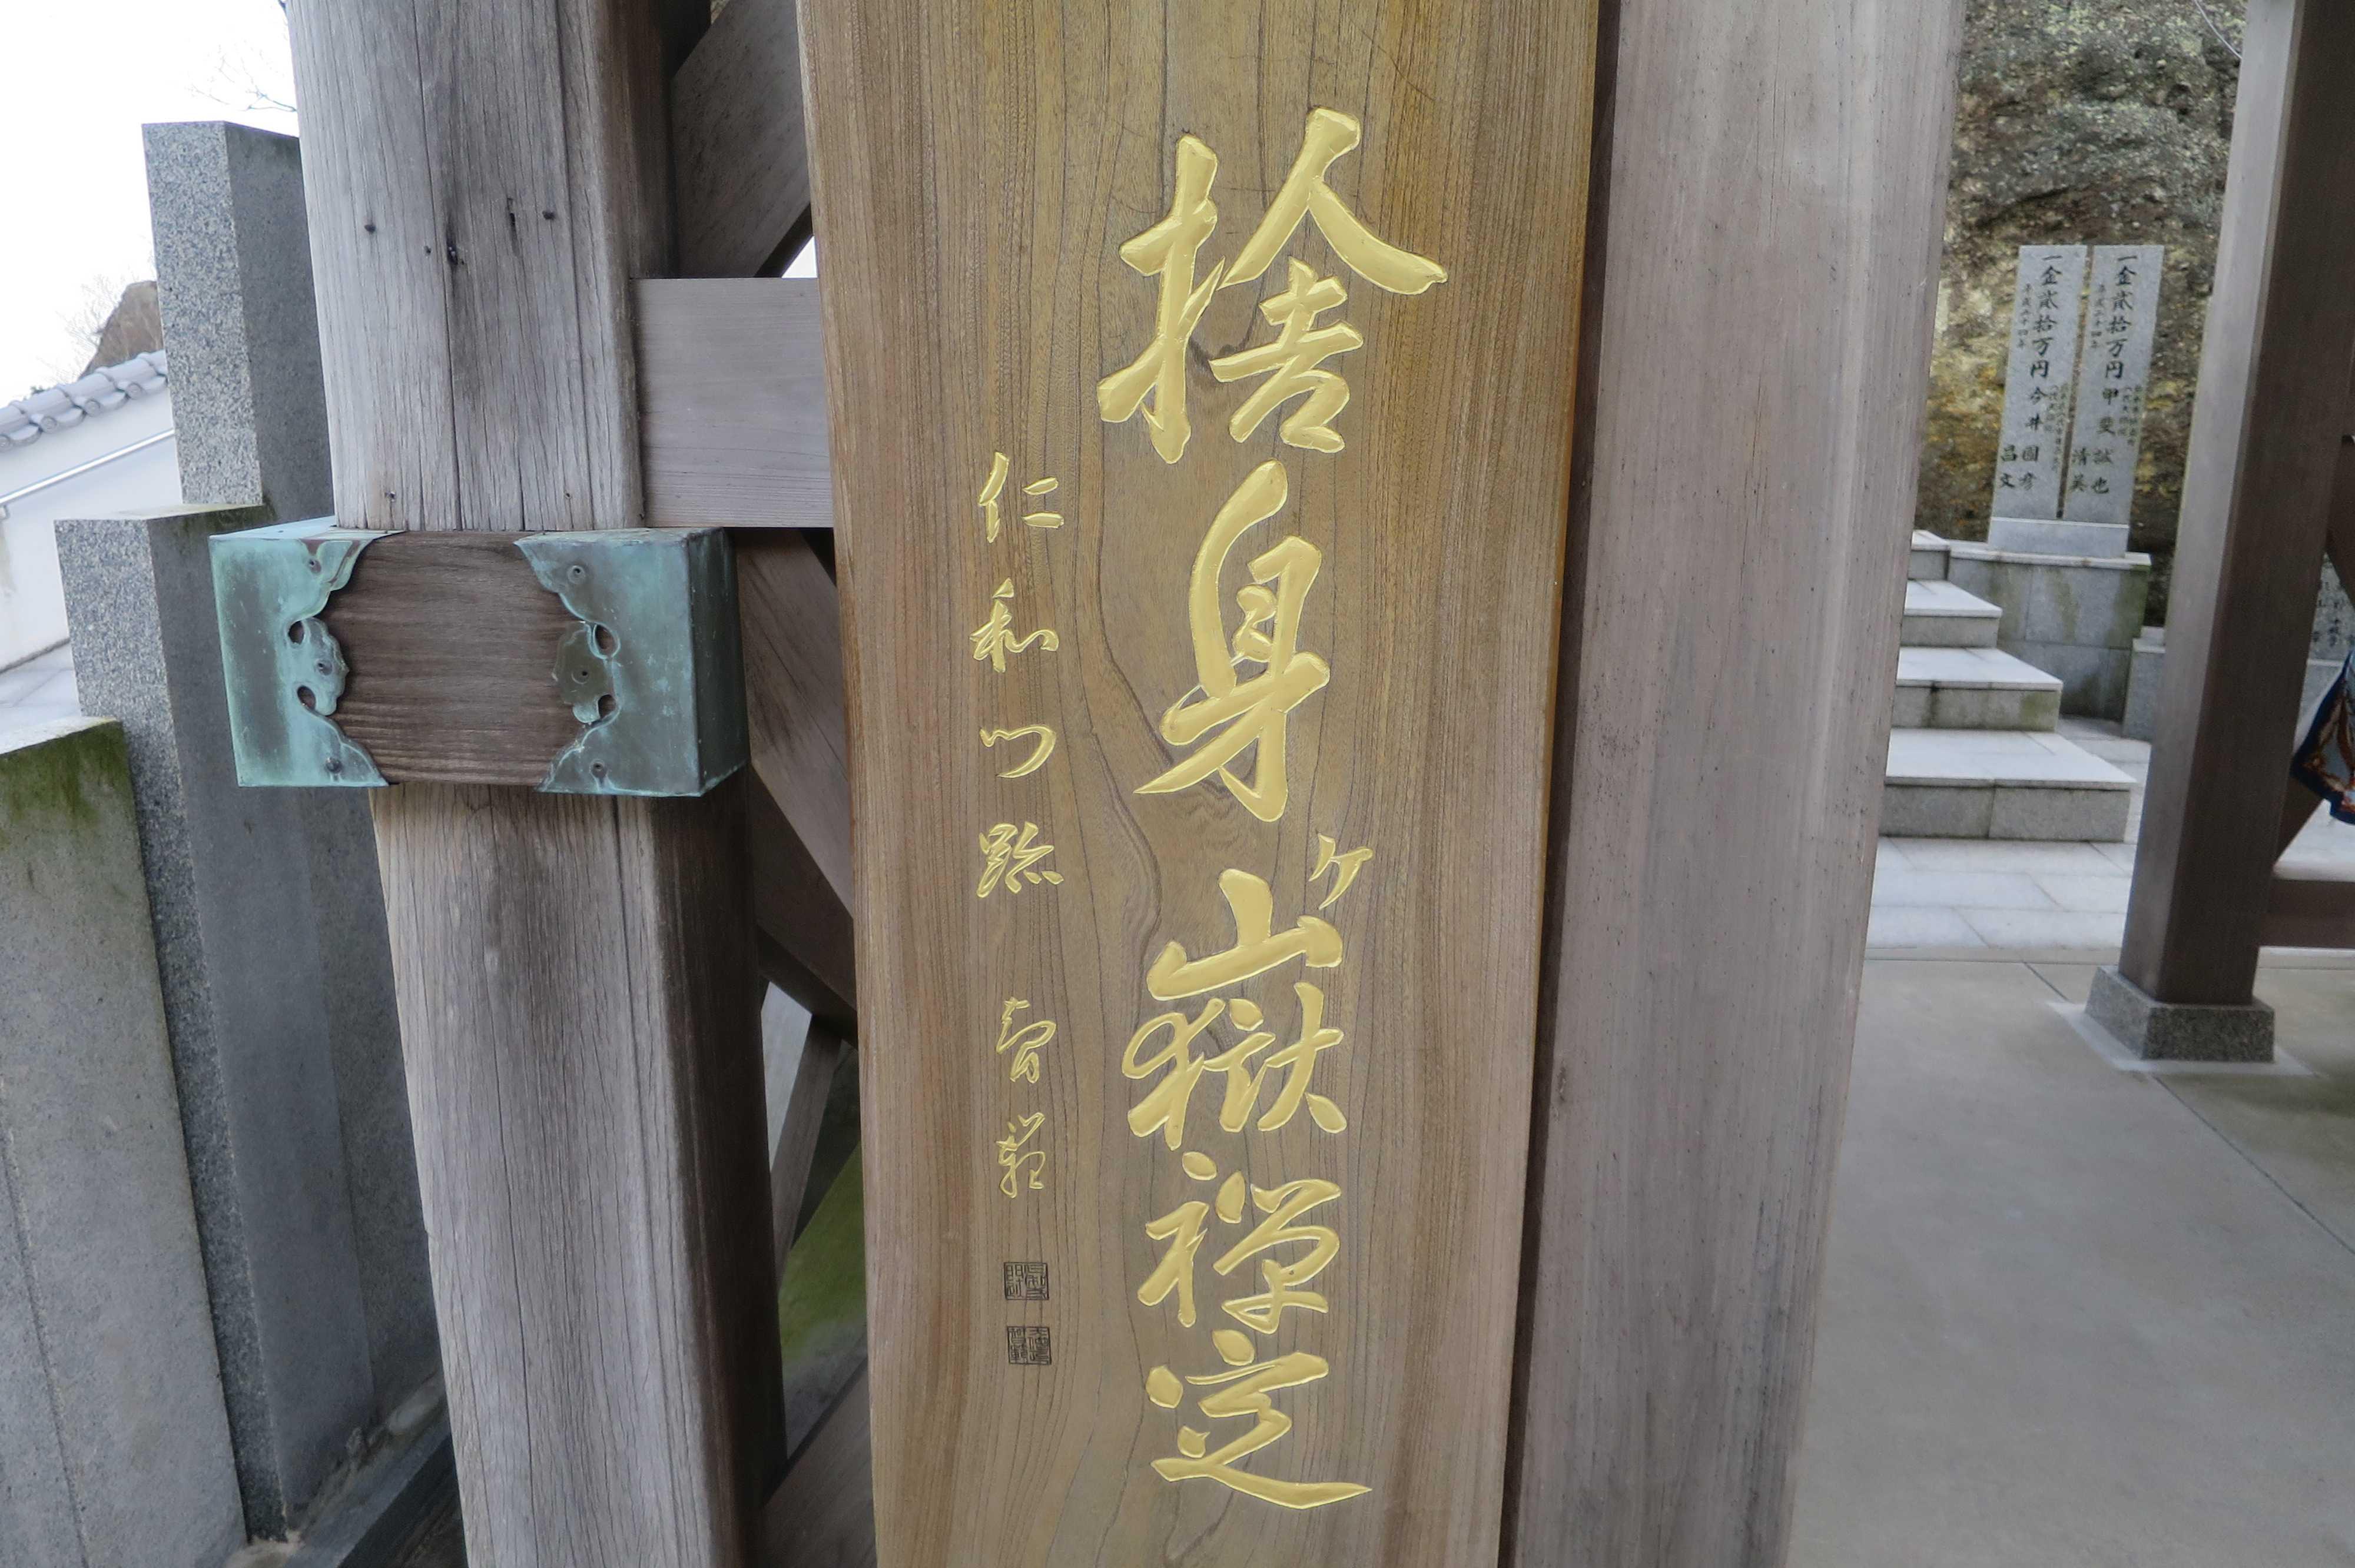 山門「捨身ヶ嶽禅定」